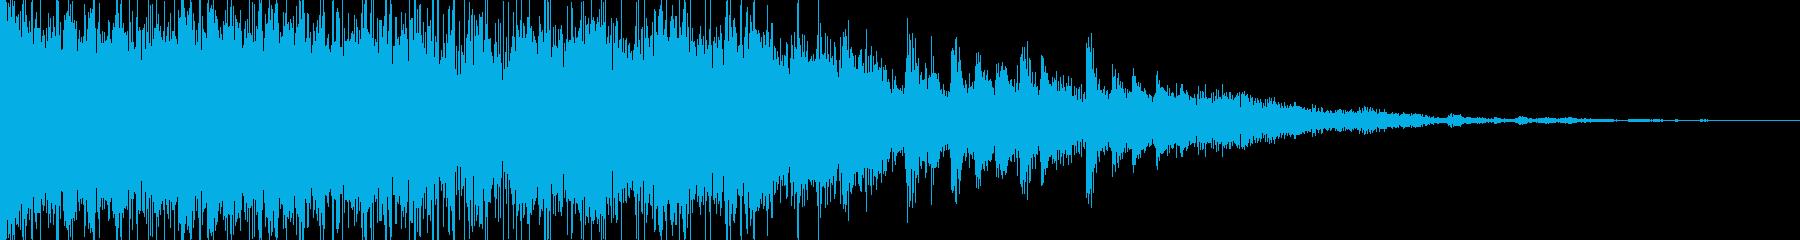 はじけるようなエレクトリカルジングルの再生済みの波形